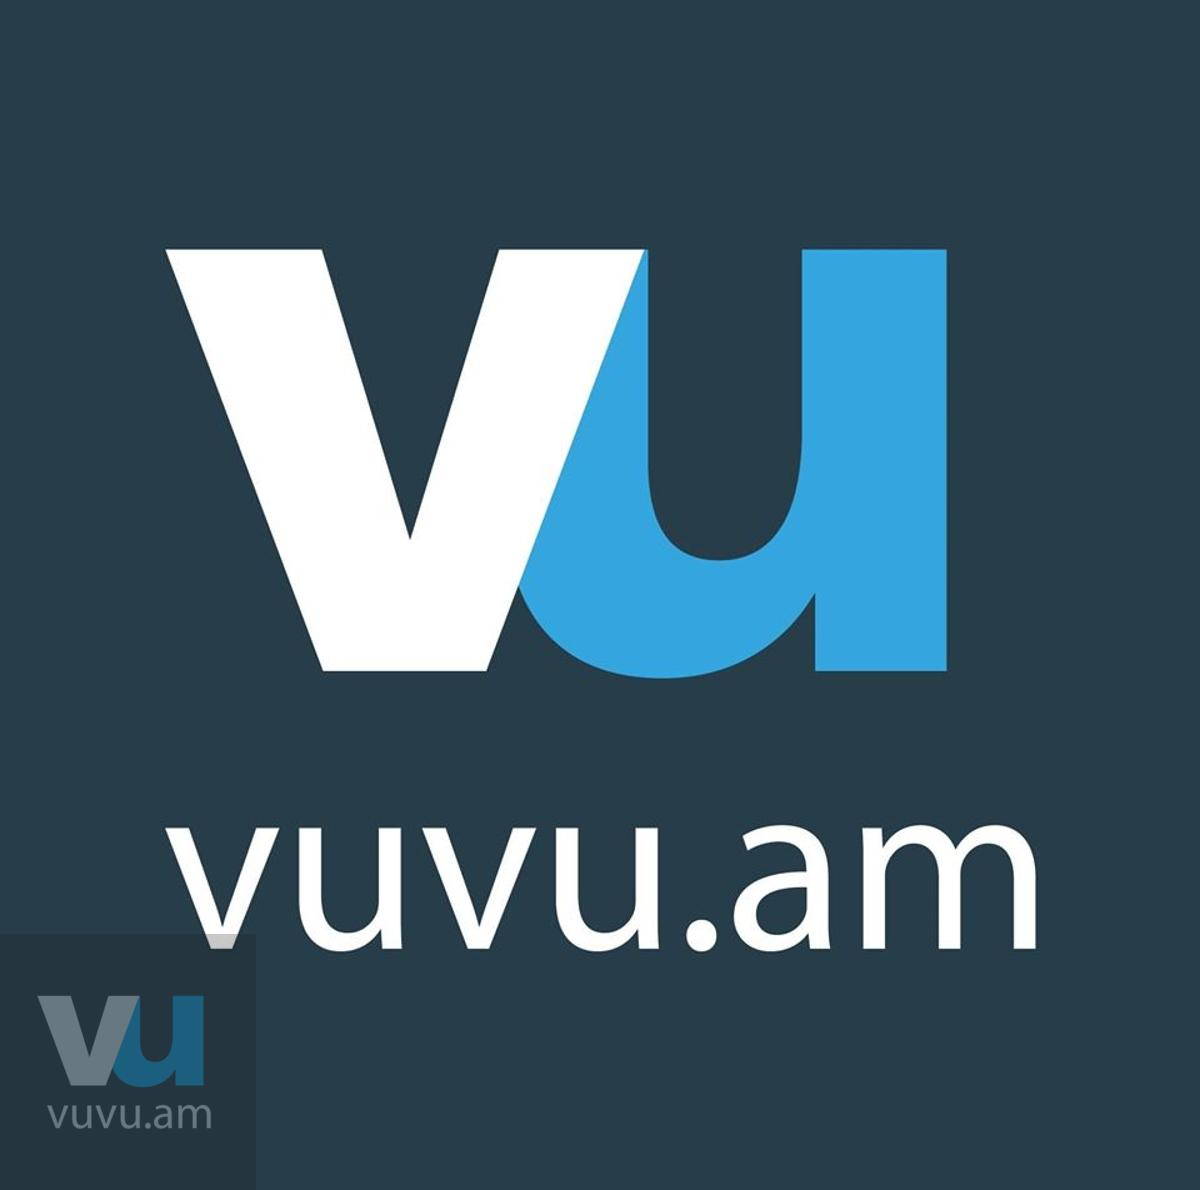 vuvu user